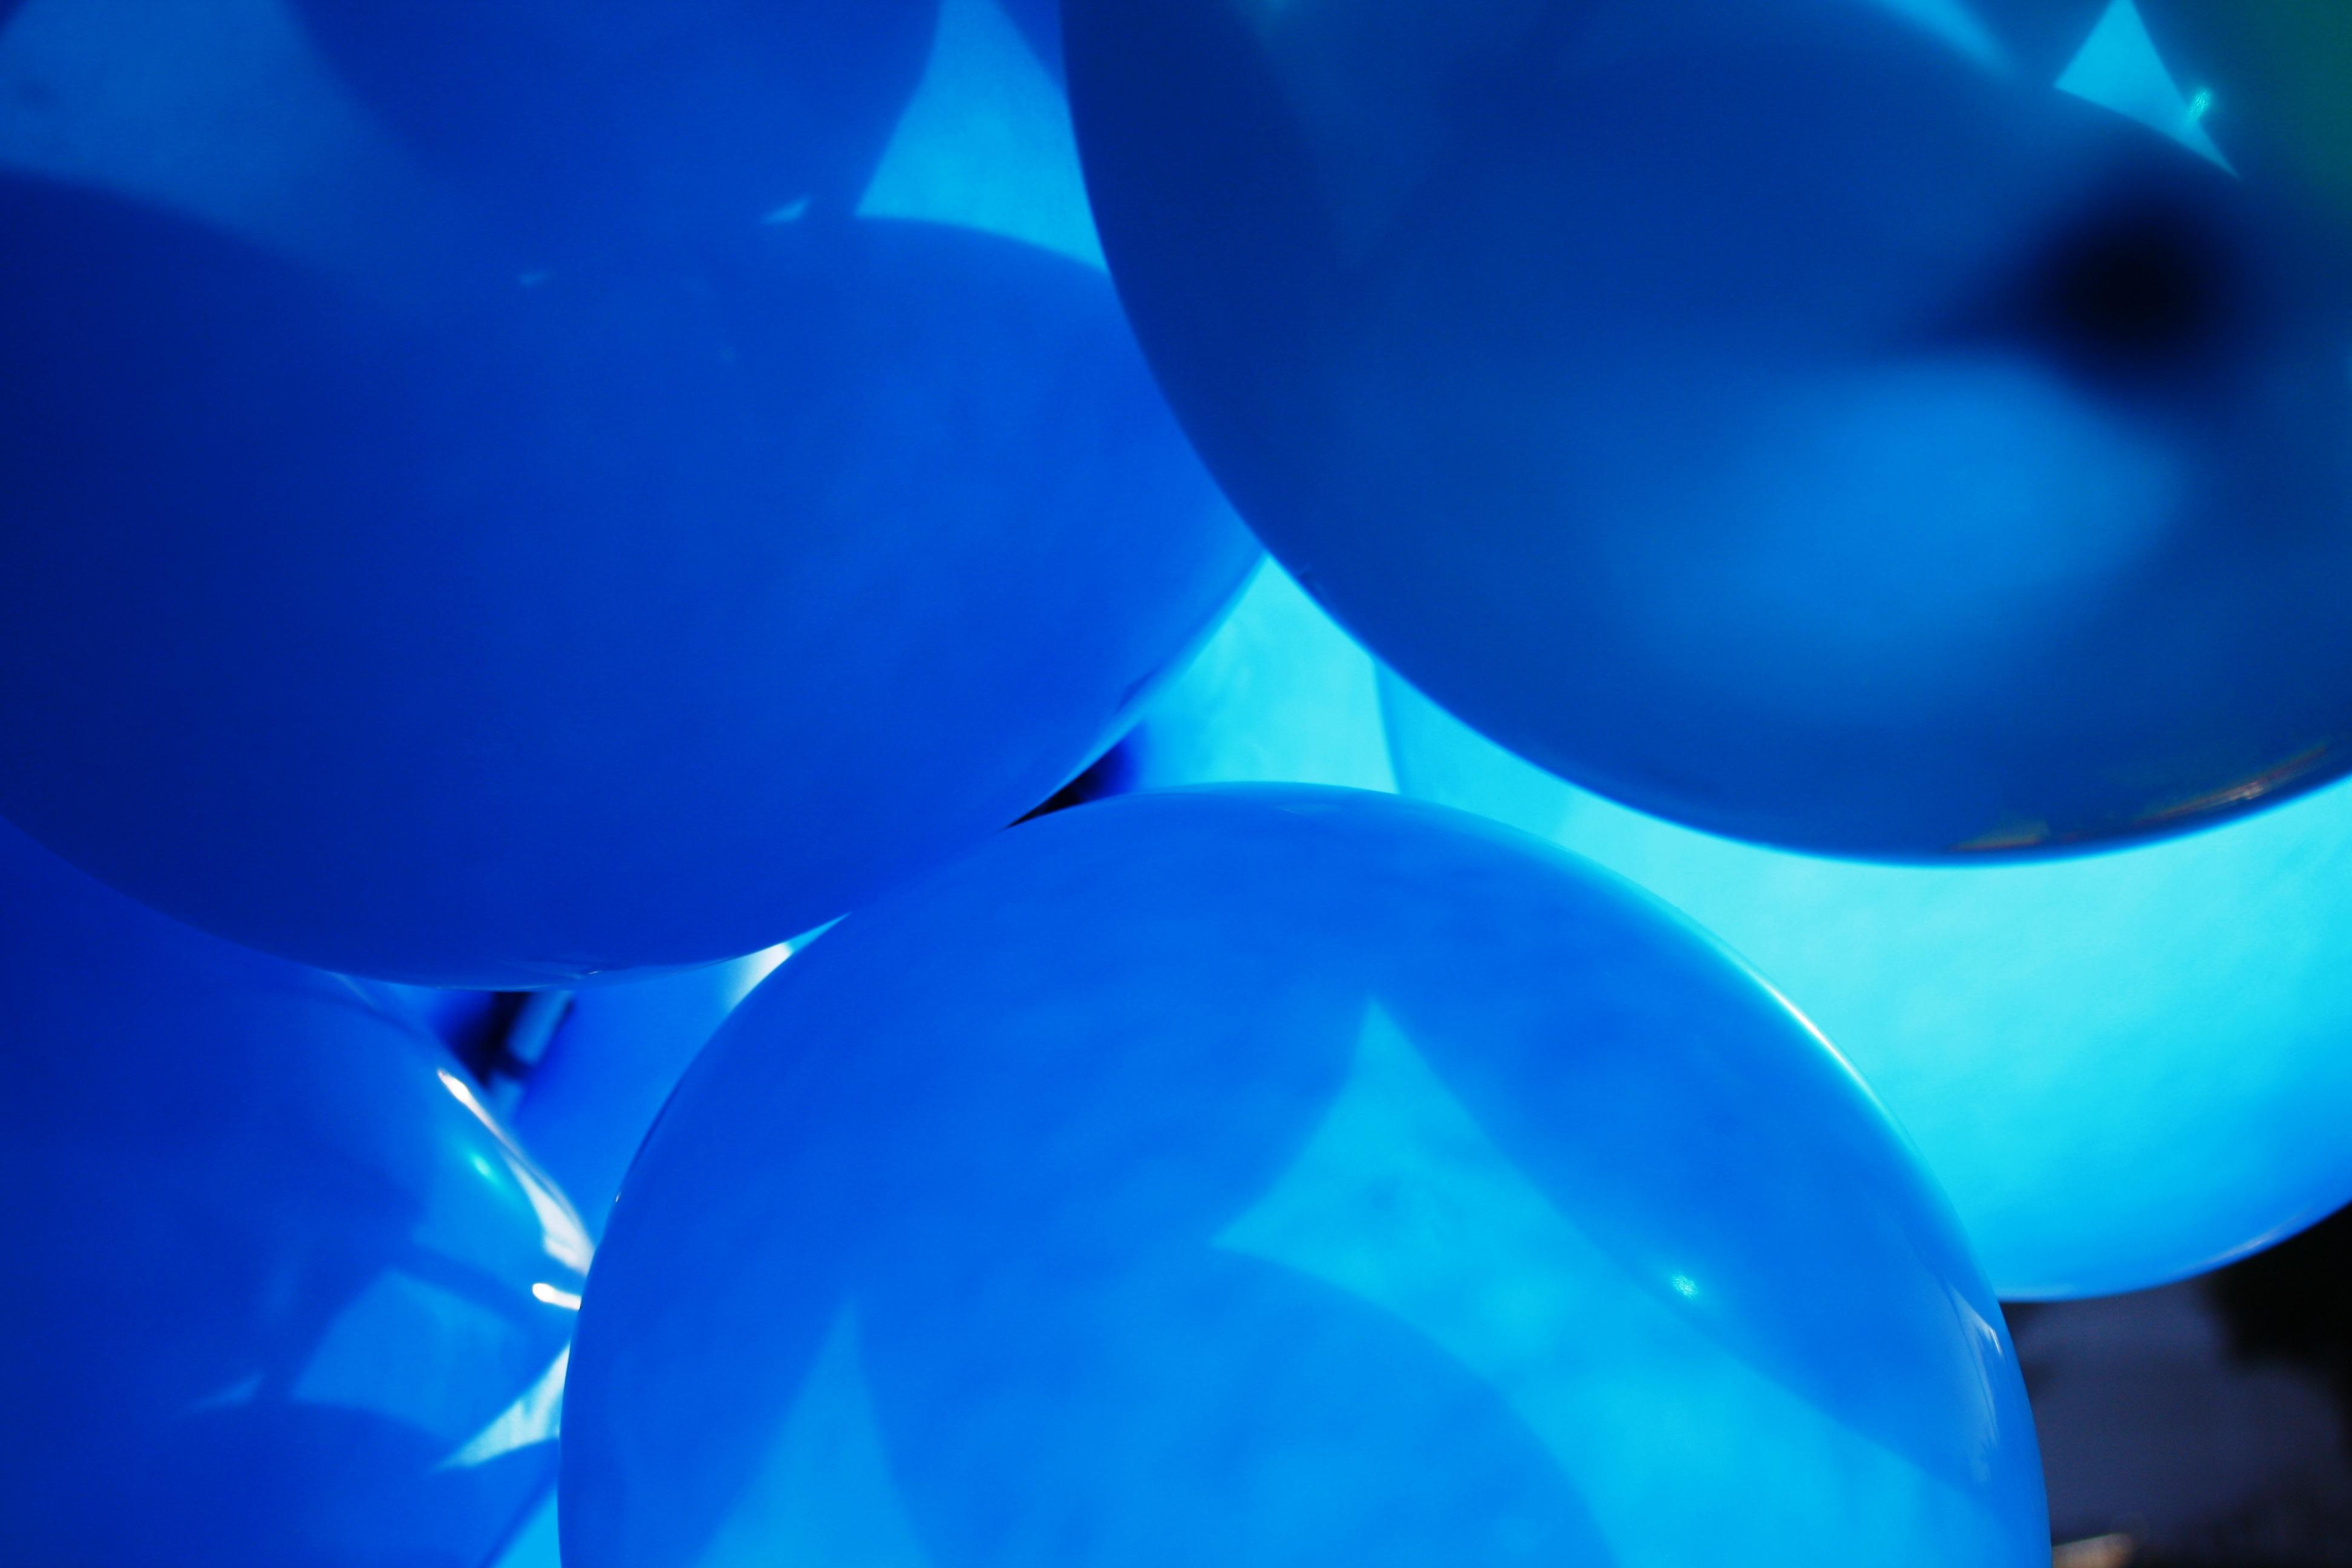 Ballonnen Met Licht : Gratis afbeeldingen licht zon bloem bloemblad onderwater